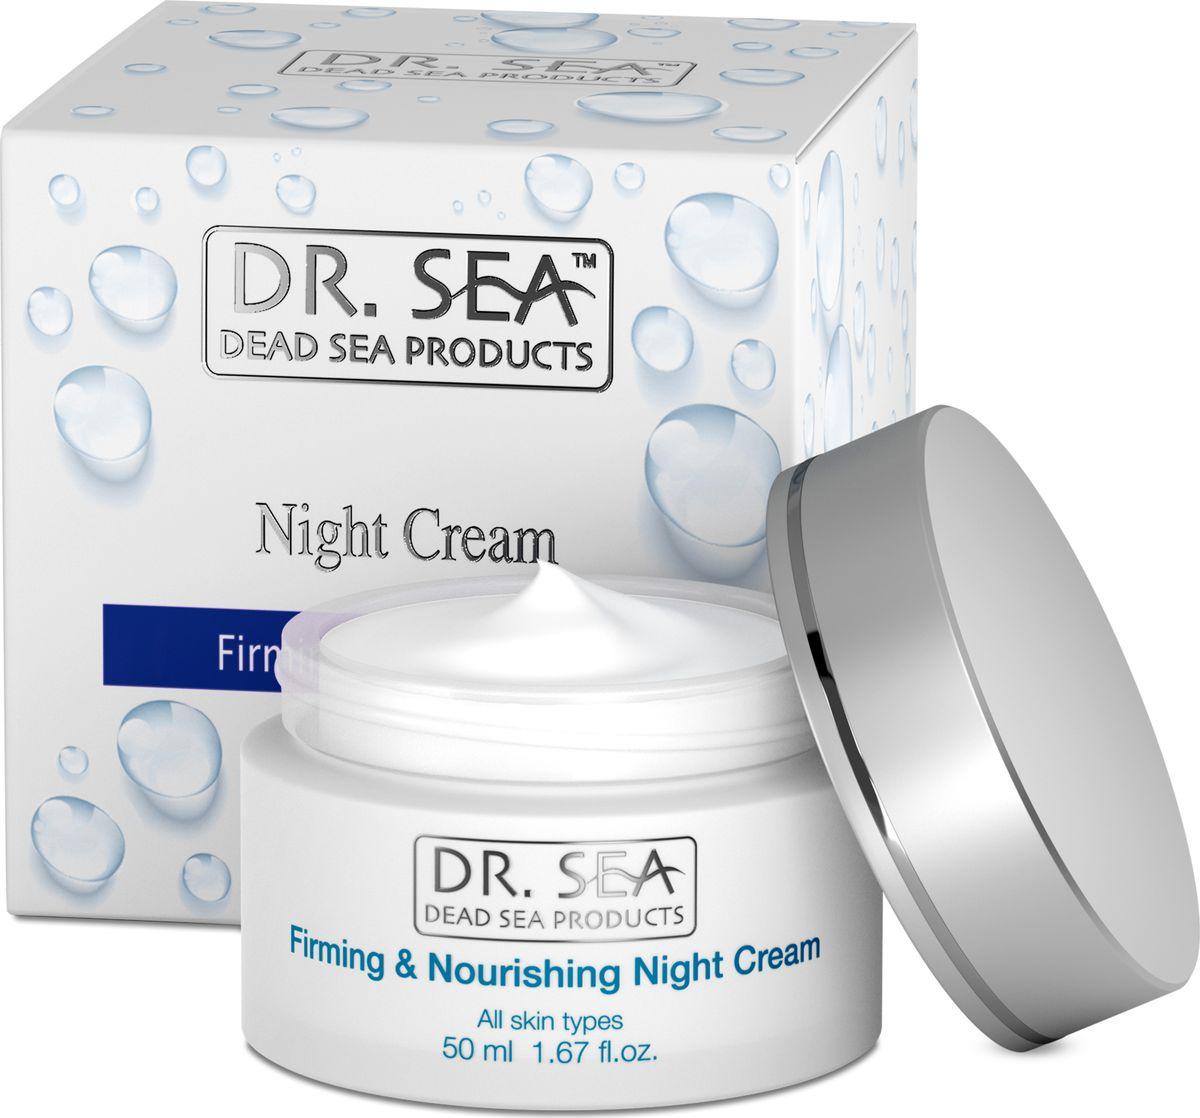 Укрепляющий и питательный ночной крем Dr. Sea, с витамином Е, пантенолом и минералами Мертвого моря, для всех типов кожи, 50 мл